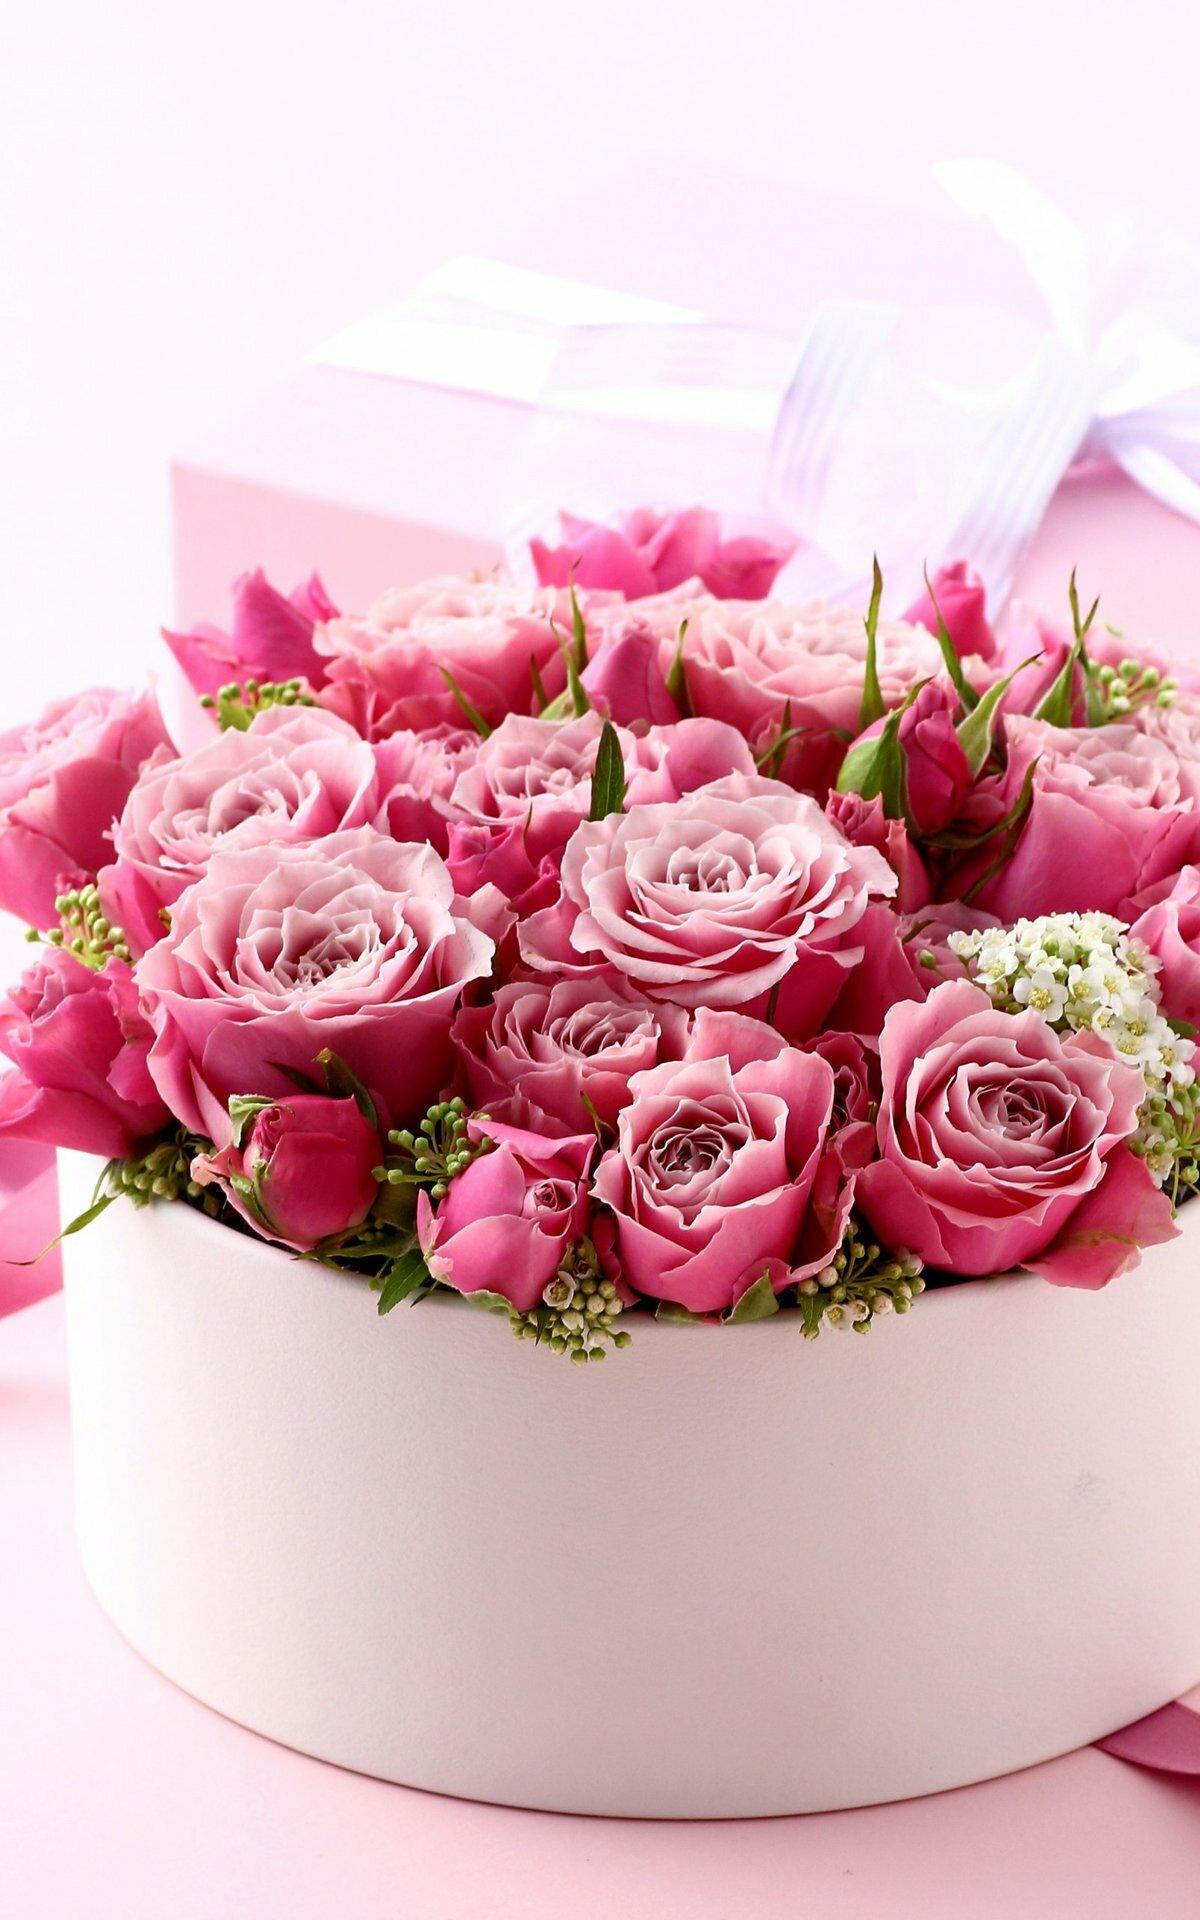 Петух для, картинка с др девушке цветы